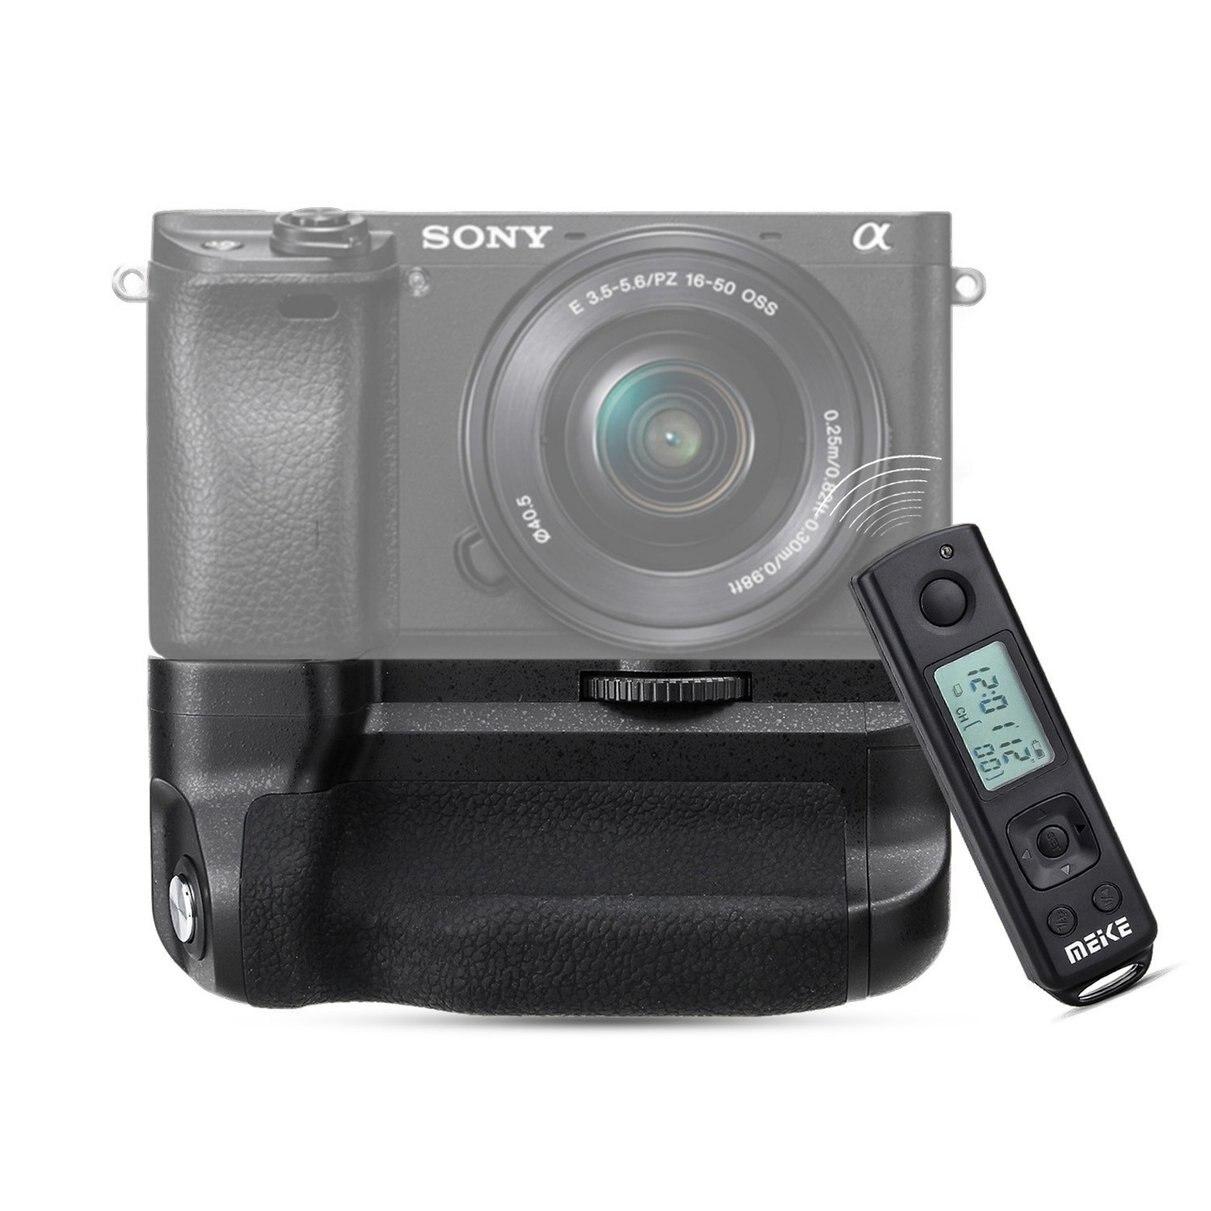 Meike MK-A6300-Pro Battery Grip 2.4G Wireless Remote Control for Sony A6300 NP-FW50 meike mk a6300 pro battery grip 2 4g wireless remote control for sony a6300 np fw50